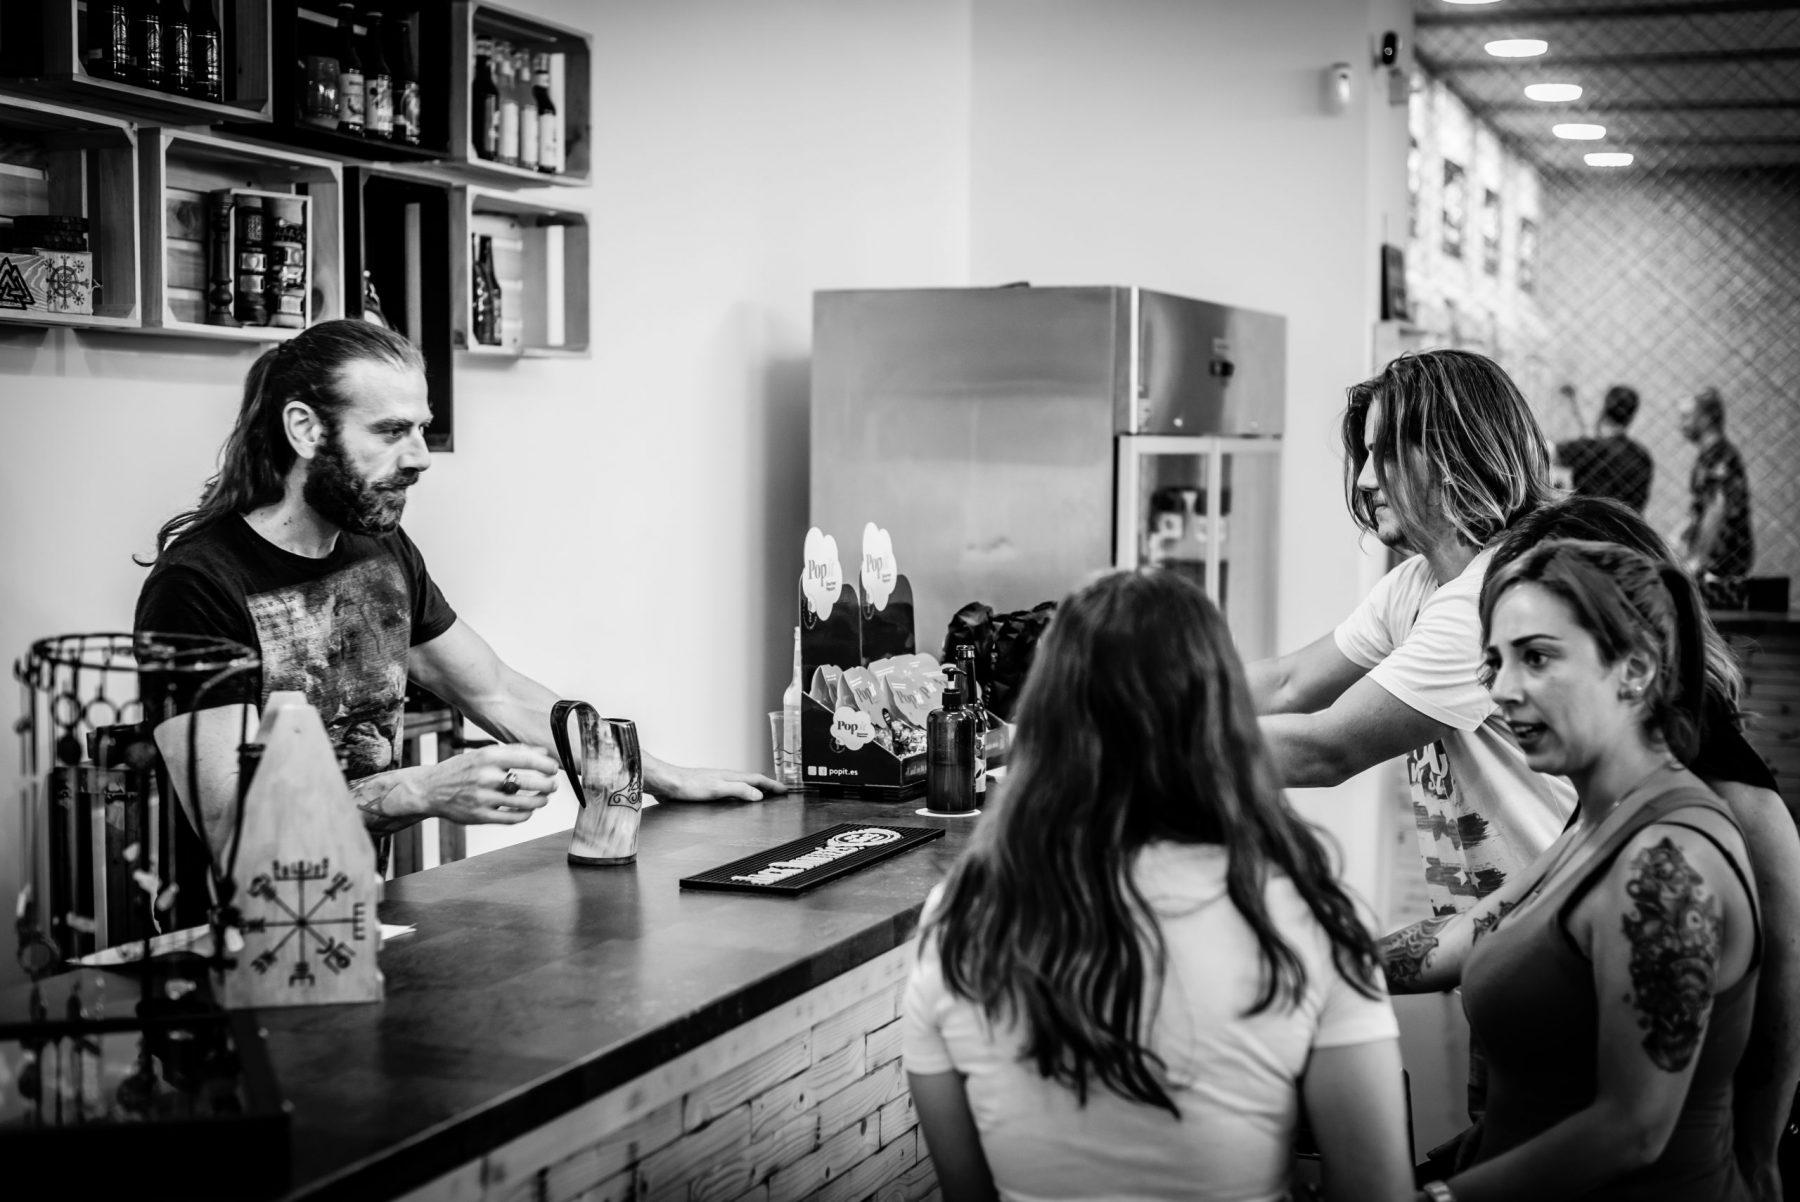 Club de tiro de hacha en Barcelona - The Axe Club